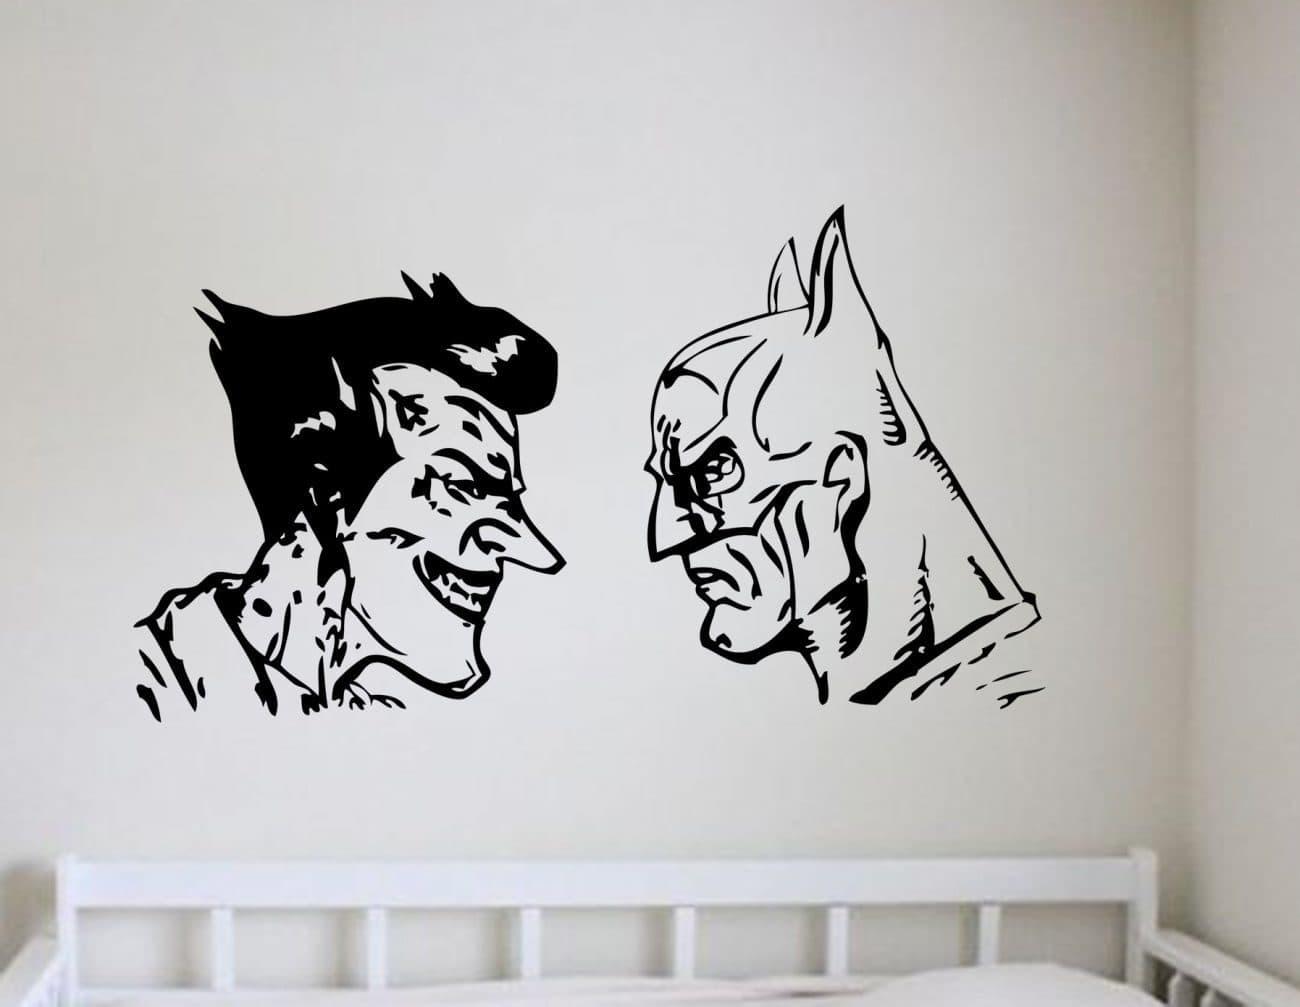 Batman and Joker wall art decal